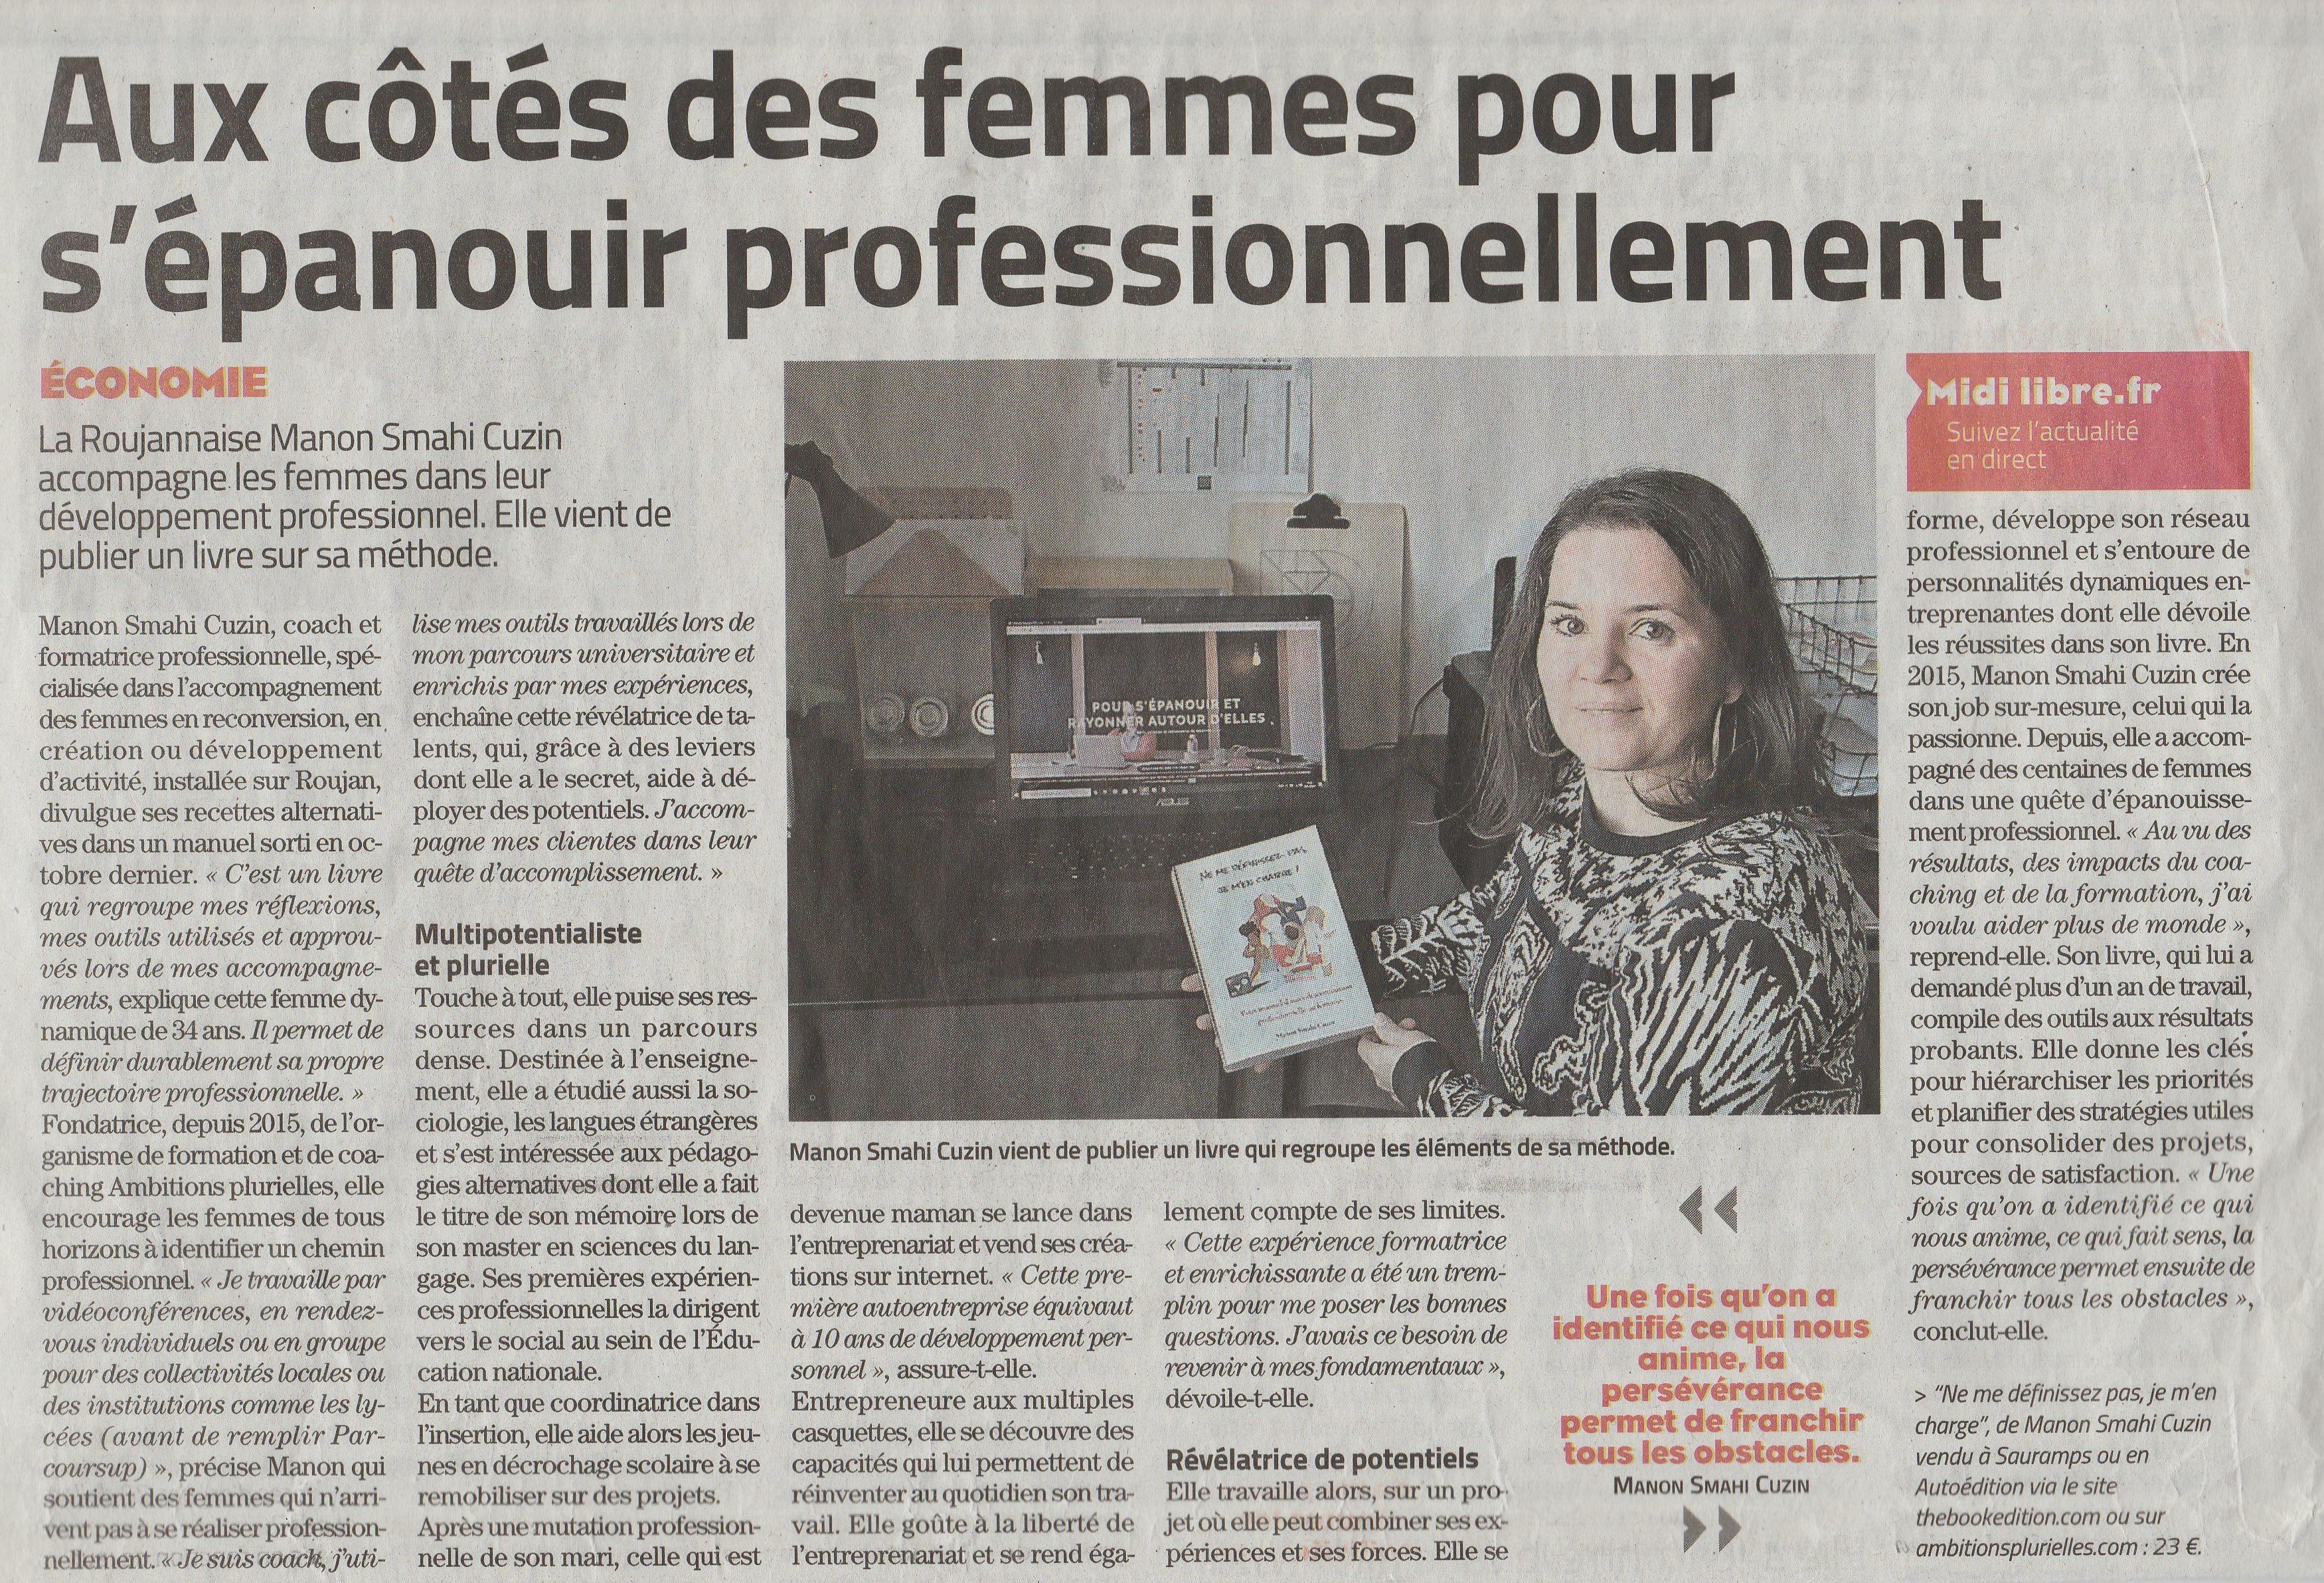 Du côté des femmes pour s'épanouir professionnellement